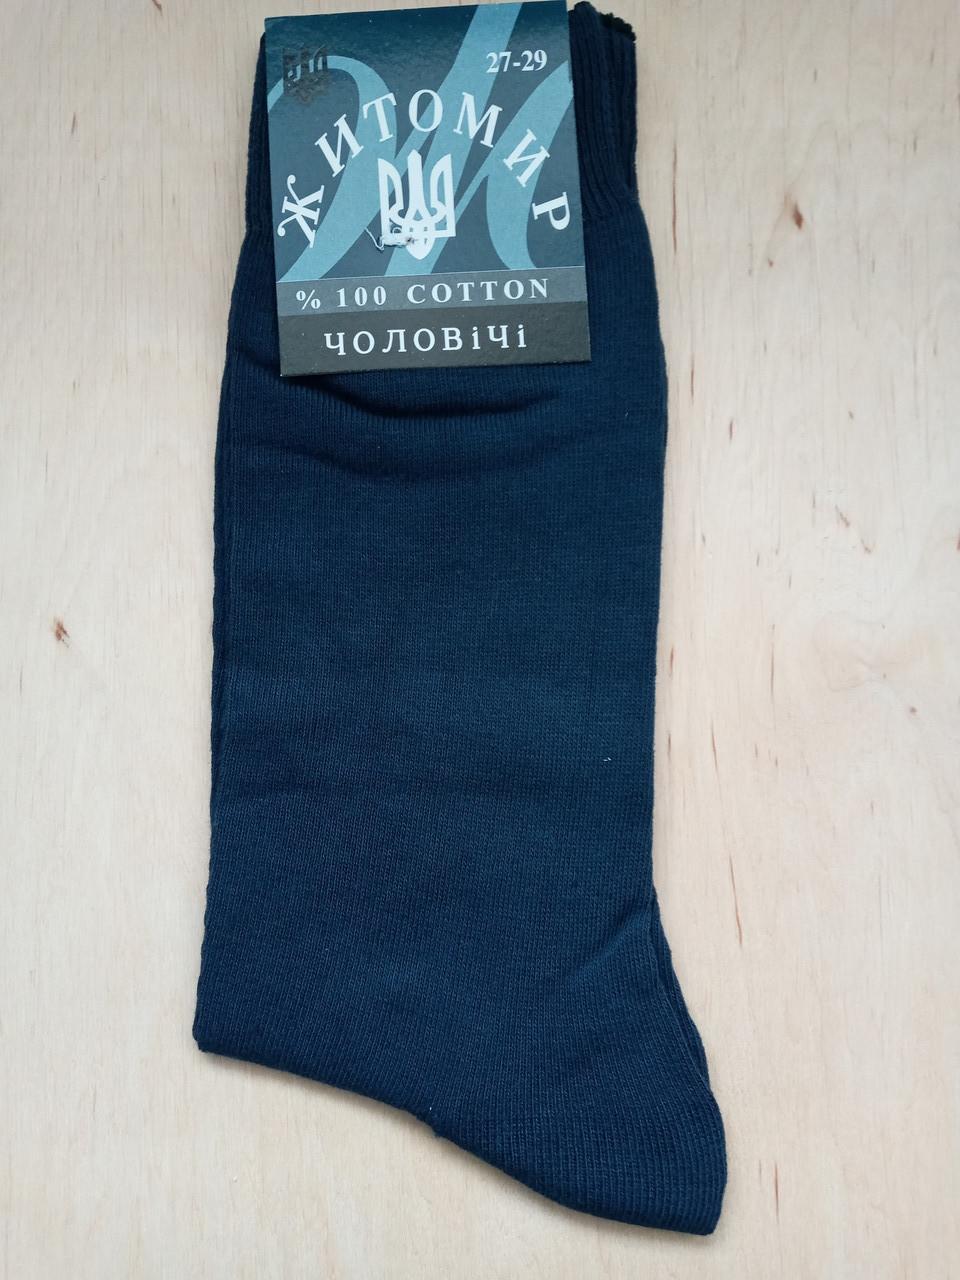 Носки мужские высокие 100% хлопок Житомир,  синие  27-29